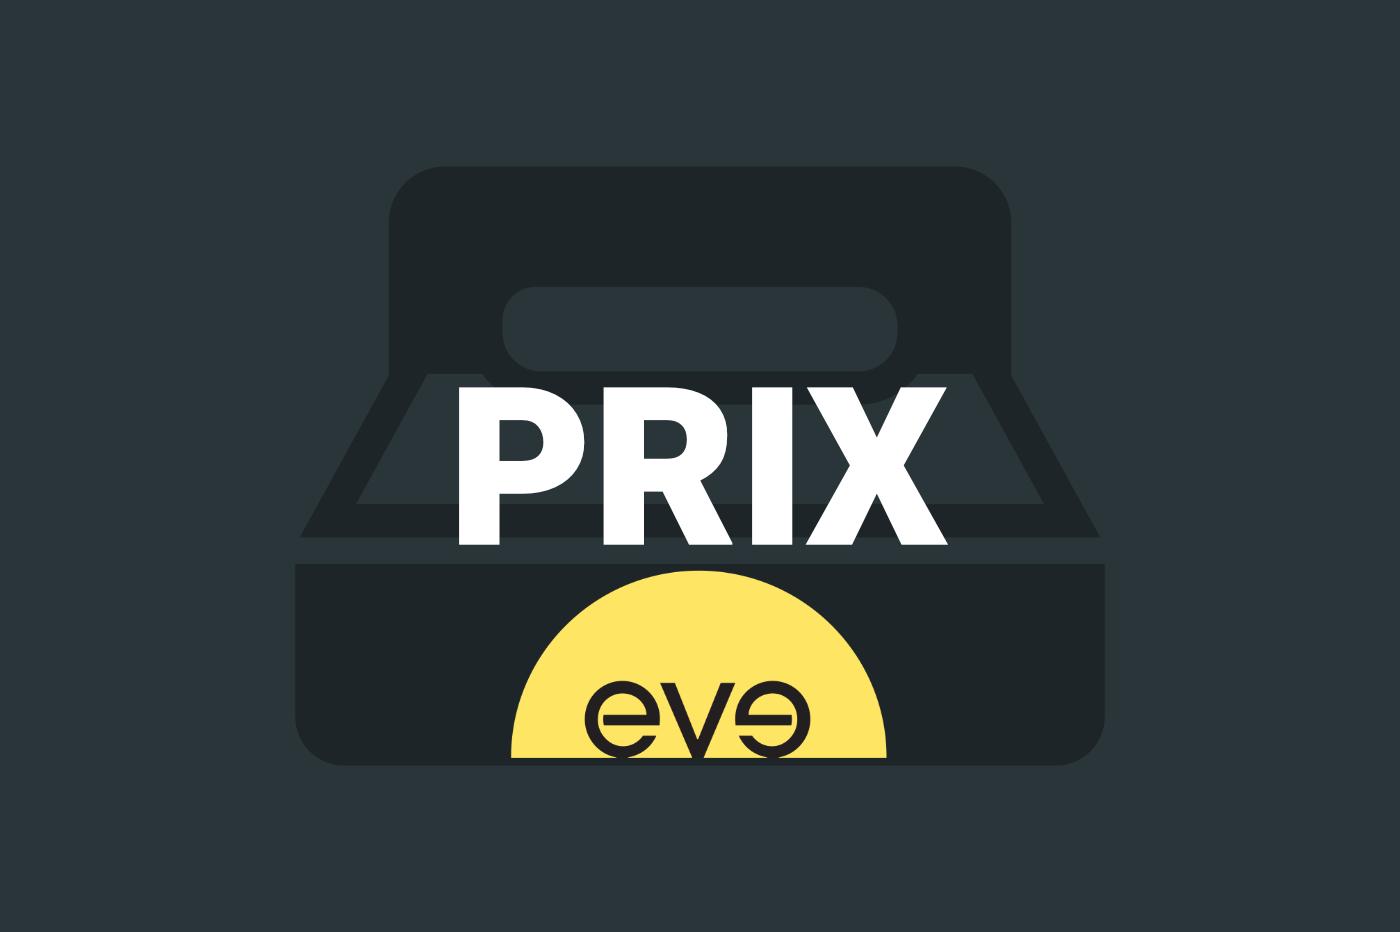 Prix Eve